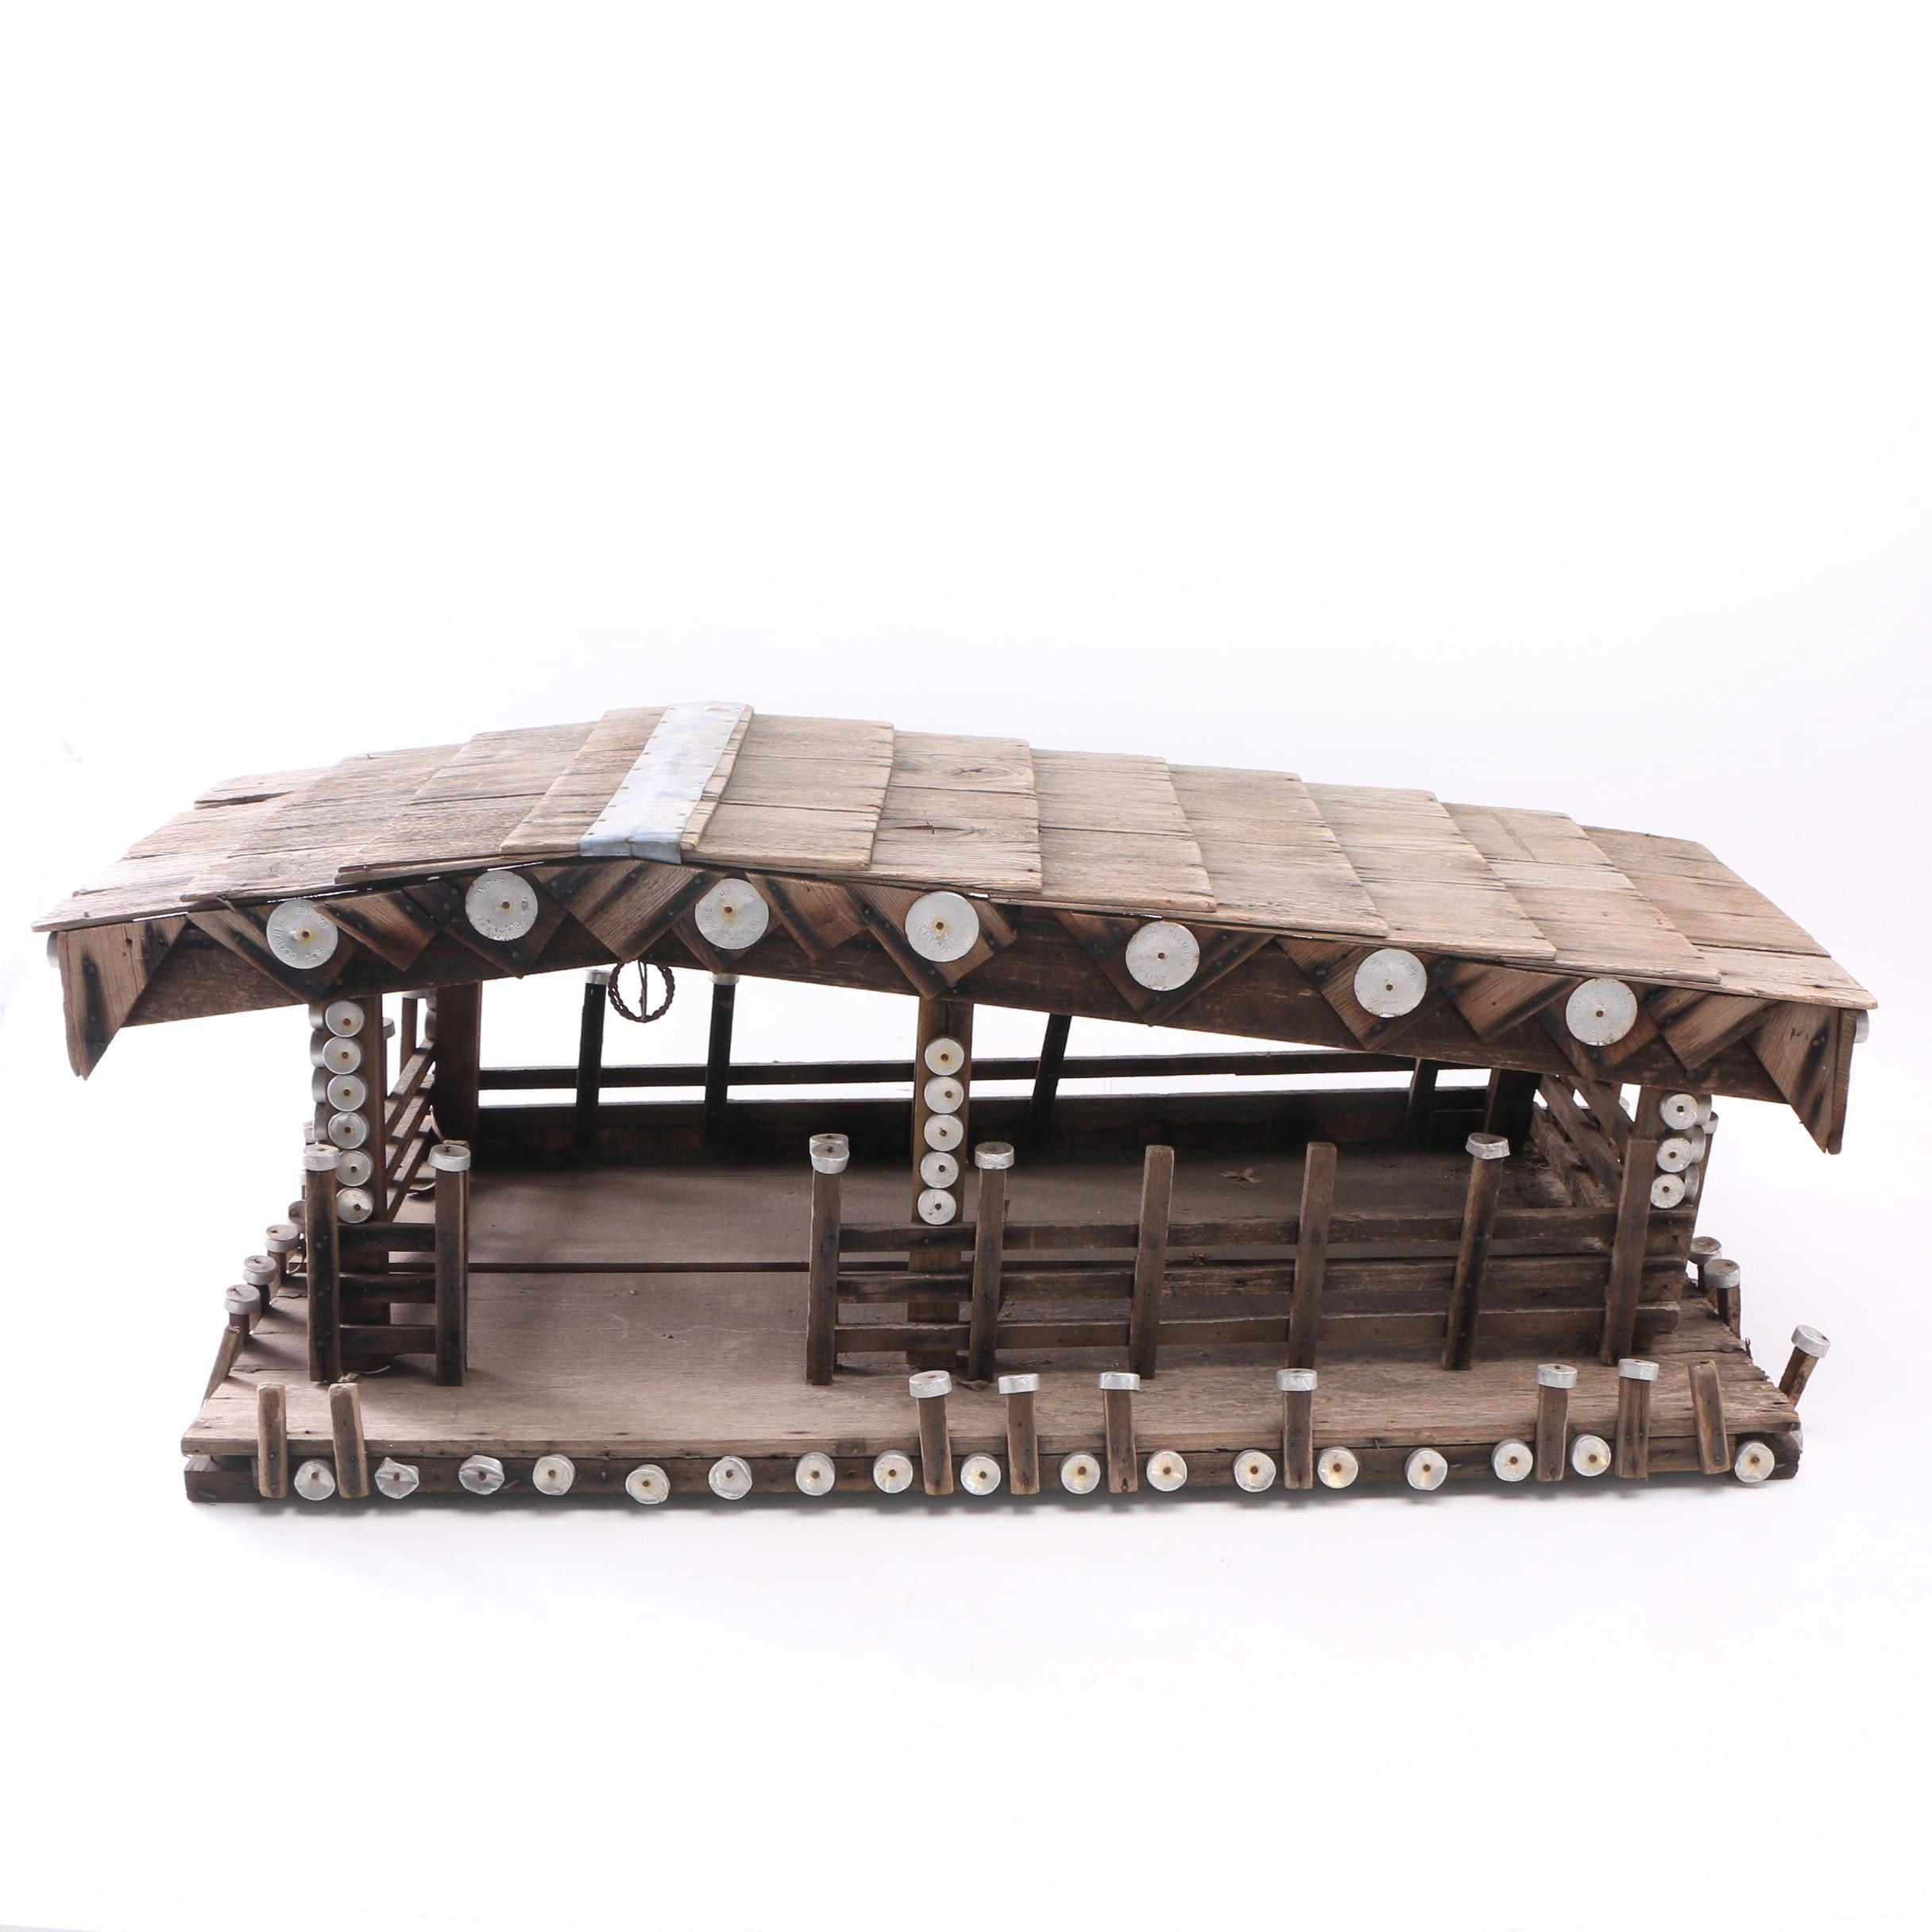 Decorative Wood Shingled House